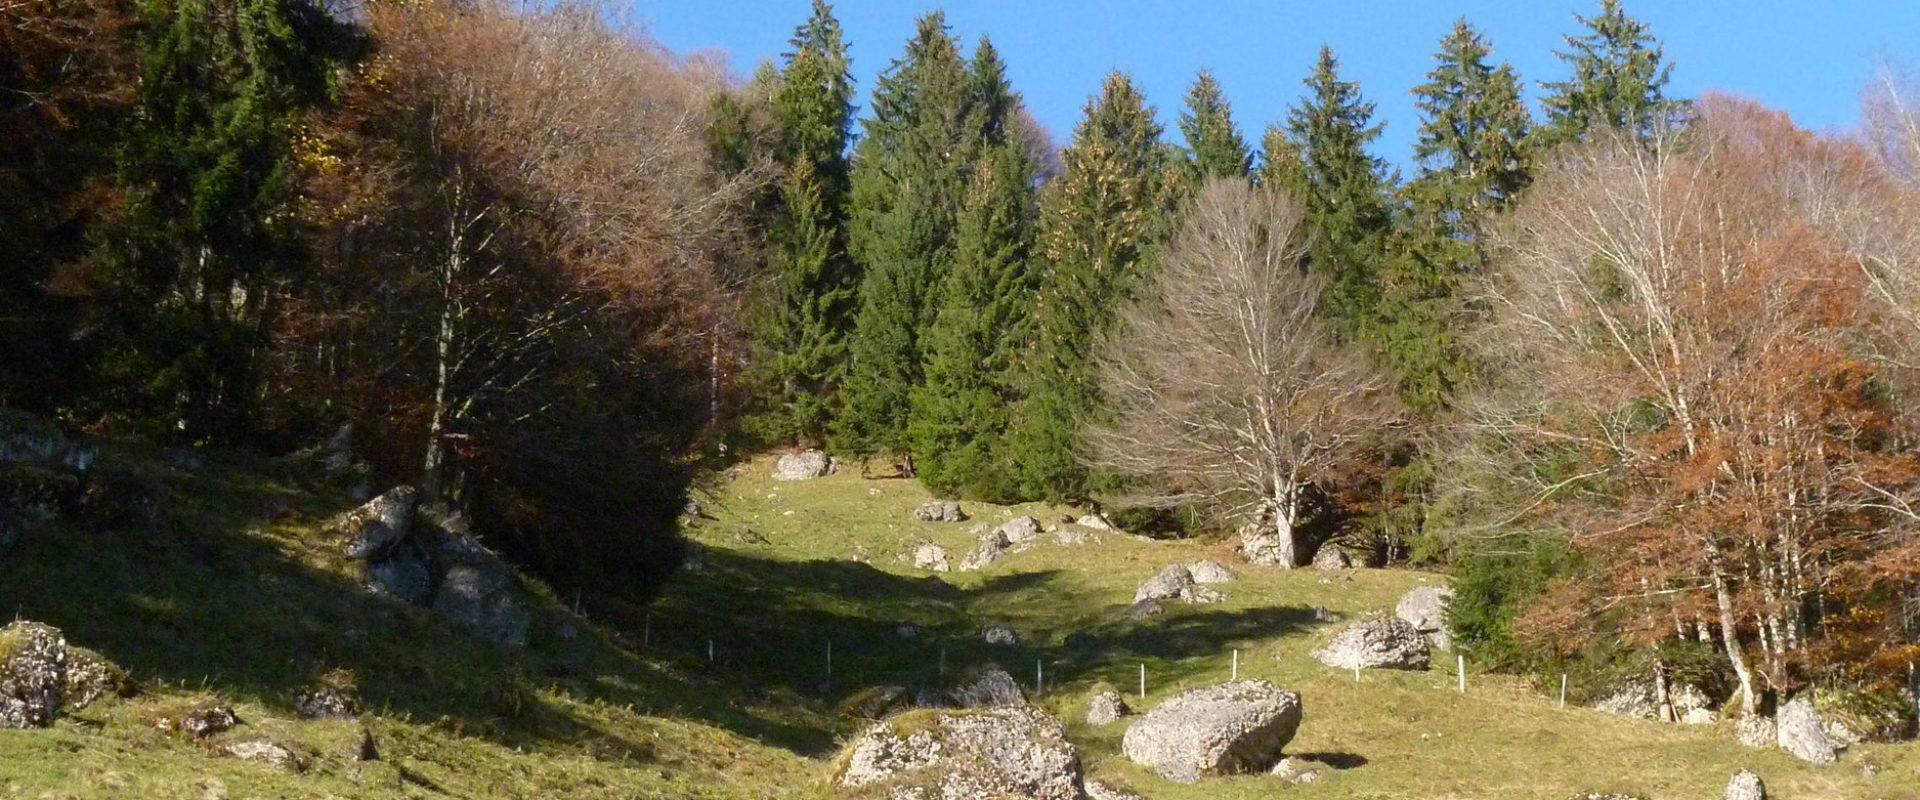 Herbststimmung Nagelfluh © Piazza & Bilgeri / Hittisau Tourismus